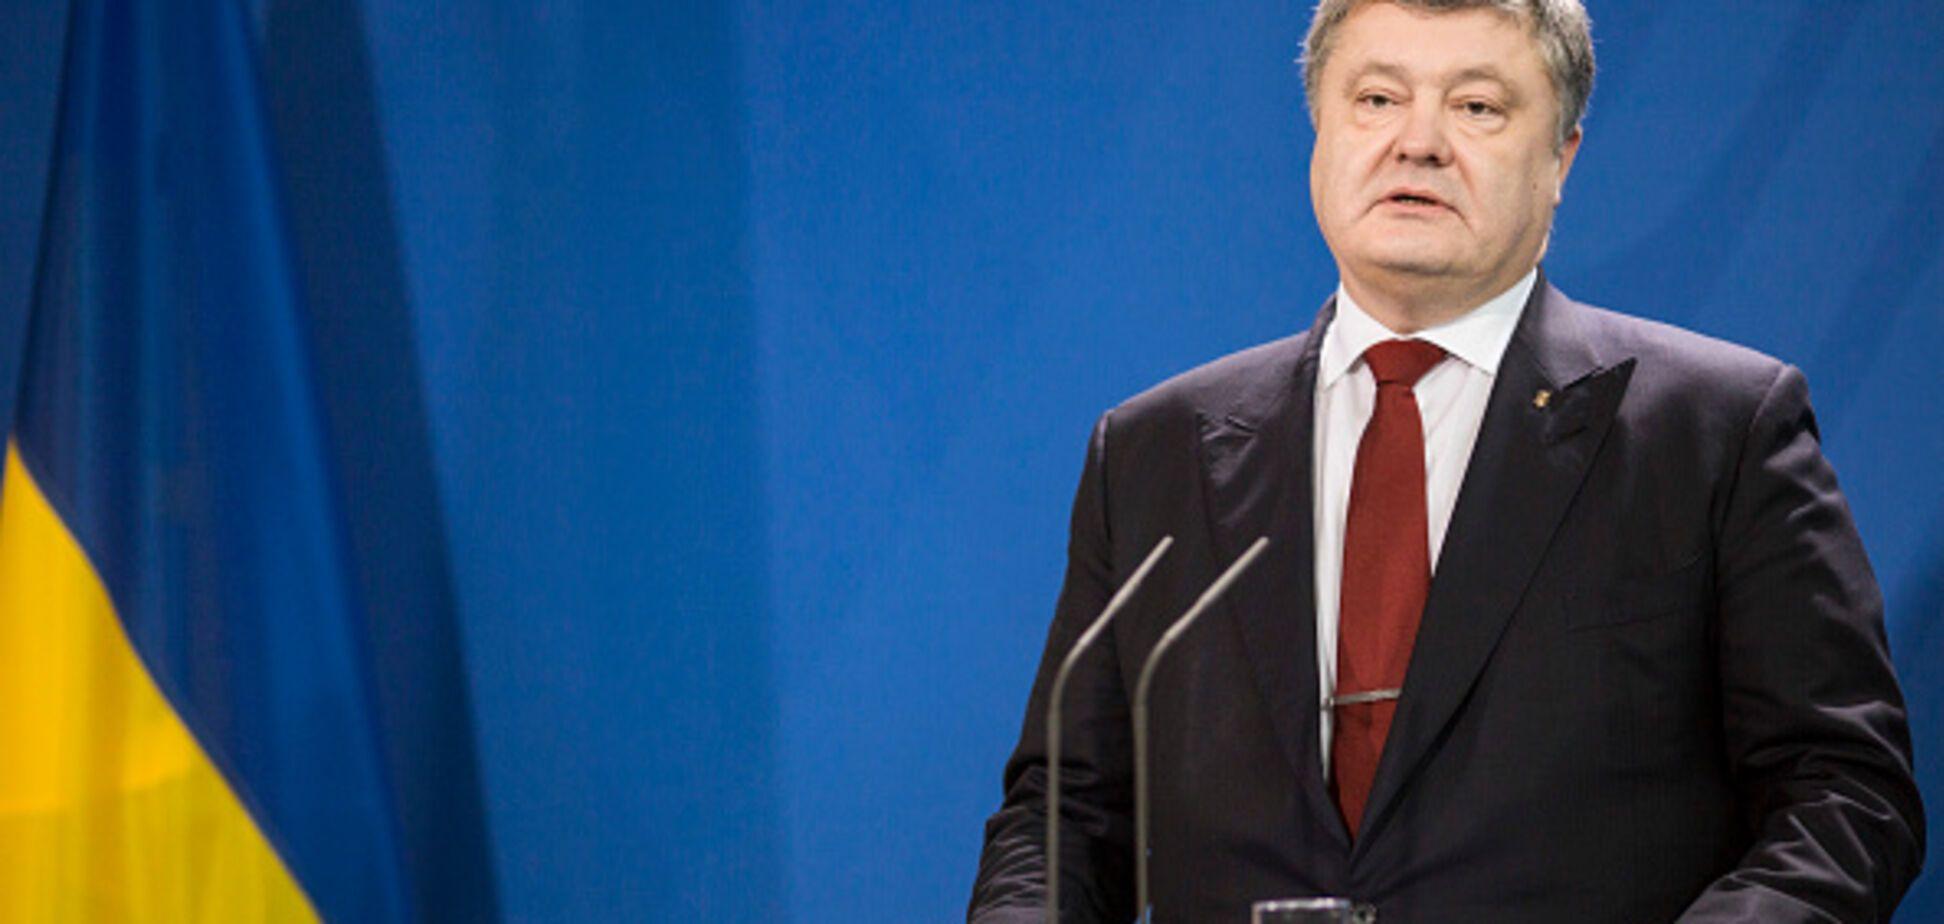 Реформи, а не революції: Порошенко виступив із сильним зверненням до українців